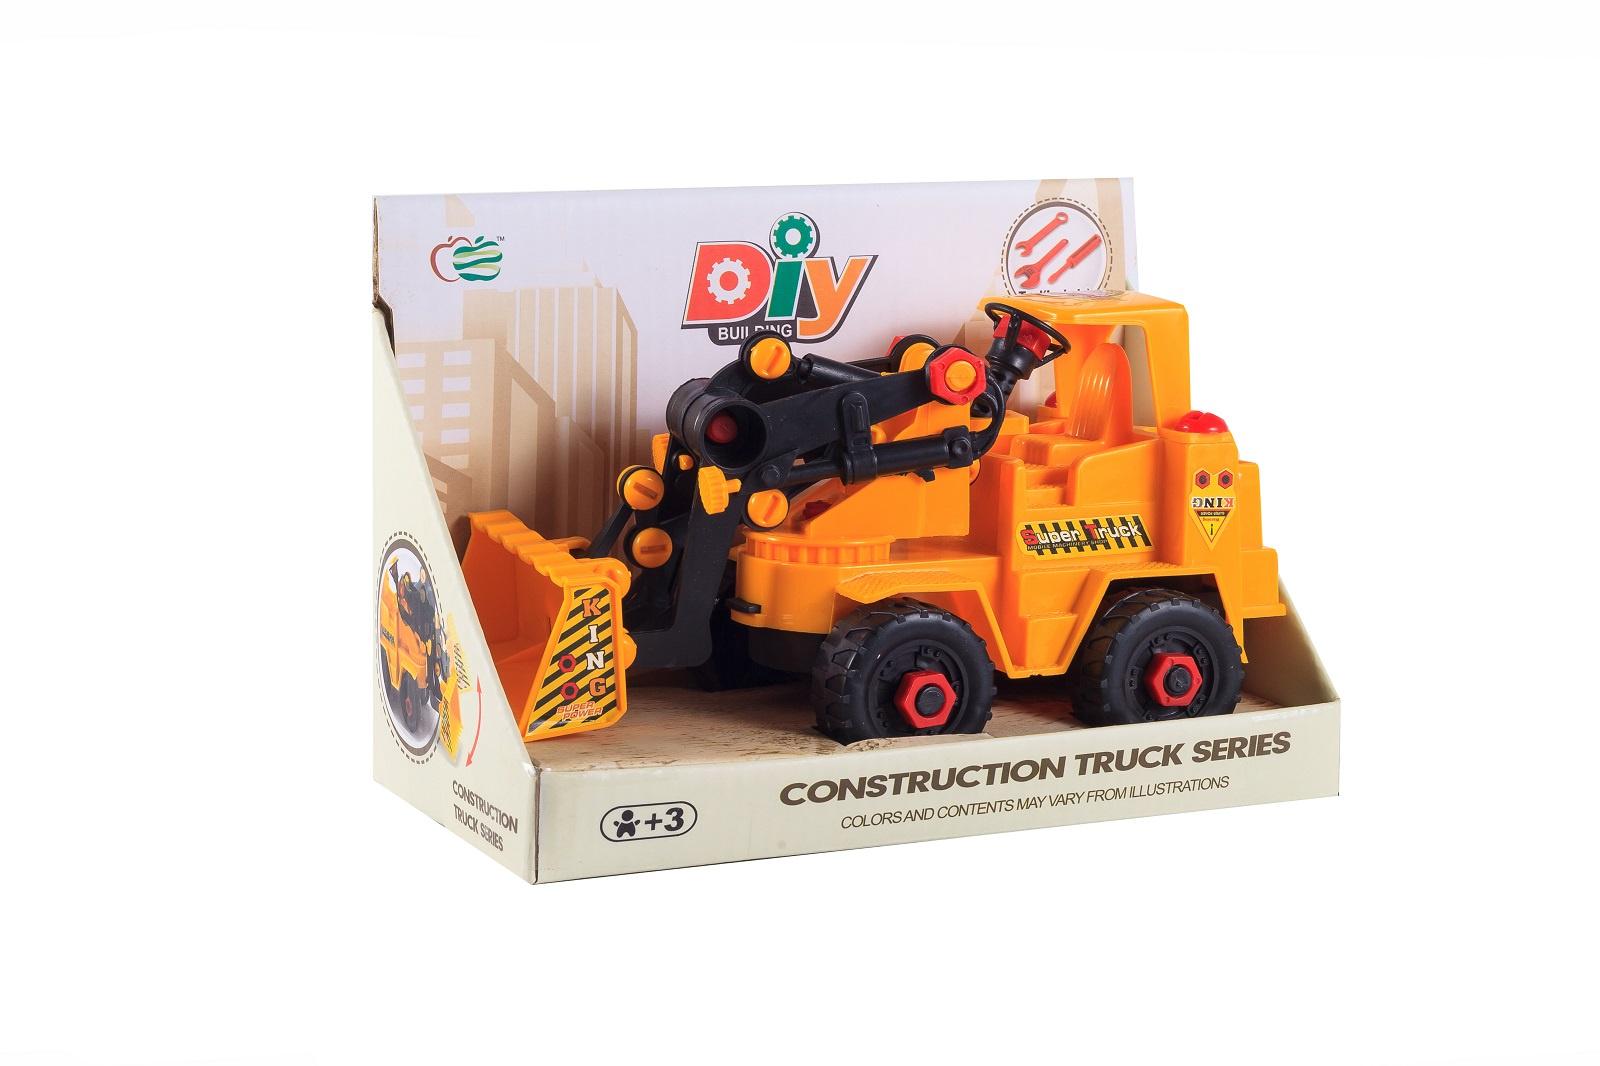 Машинка-конструктор S+S Спецтехника, 200107116, оранжевый